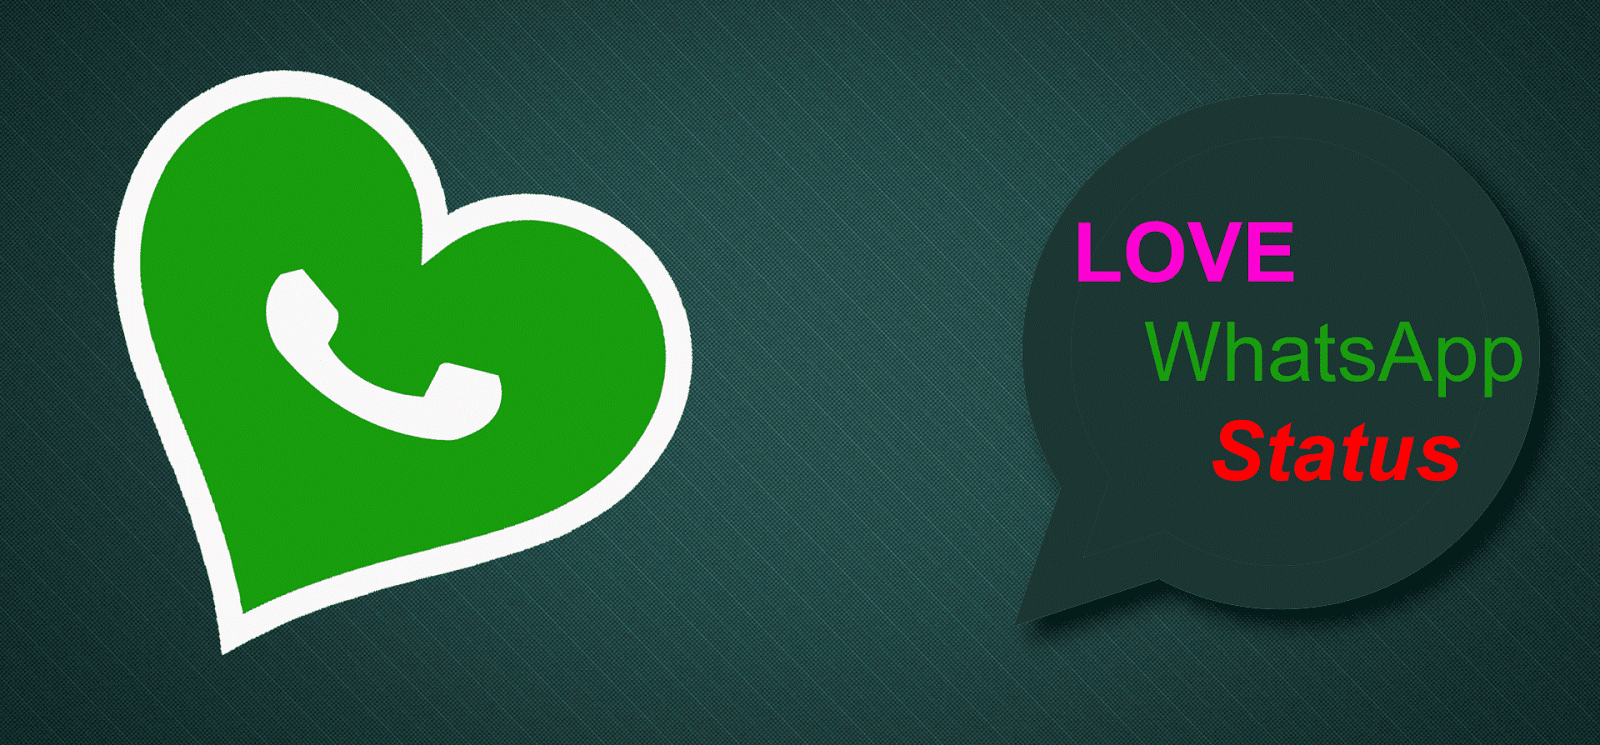 Status Whatsapp: Romantic WhatsApp Status